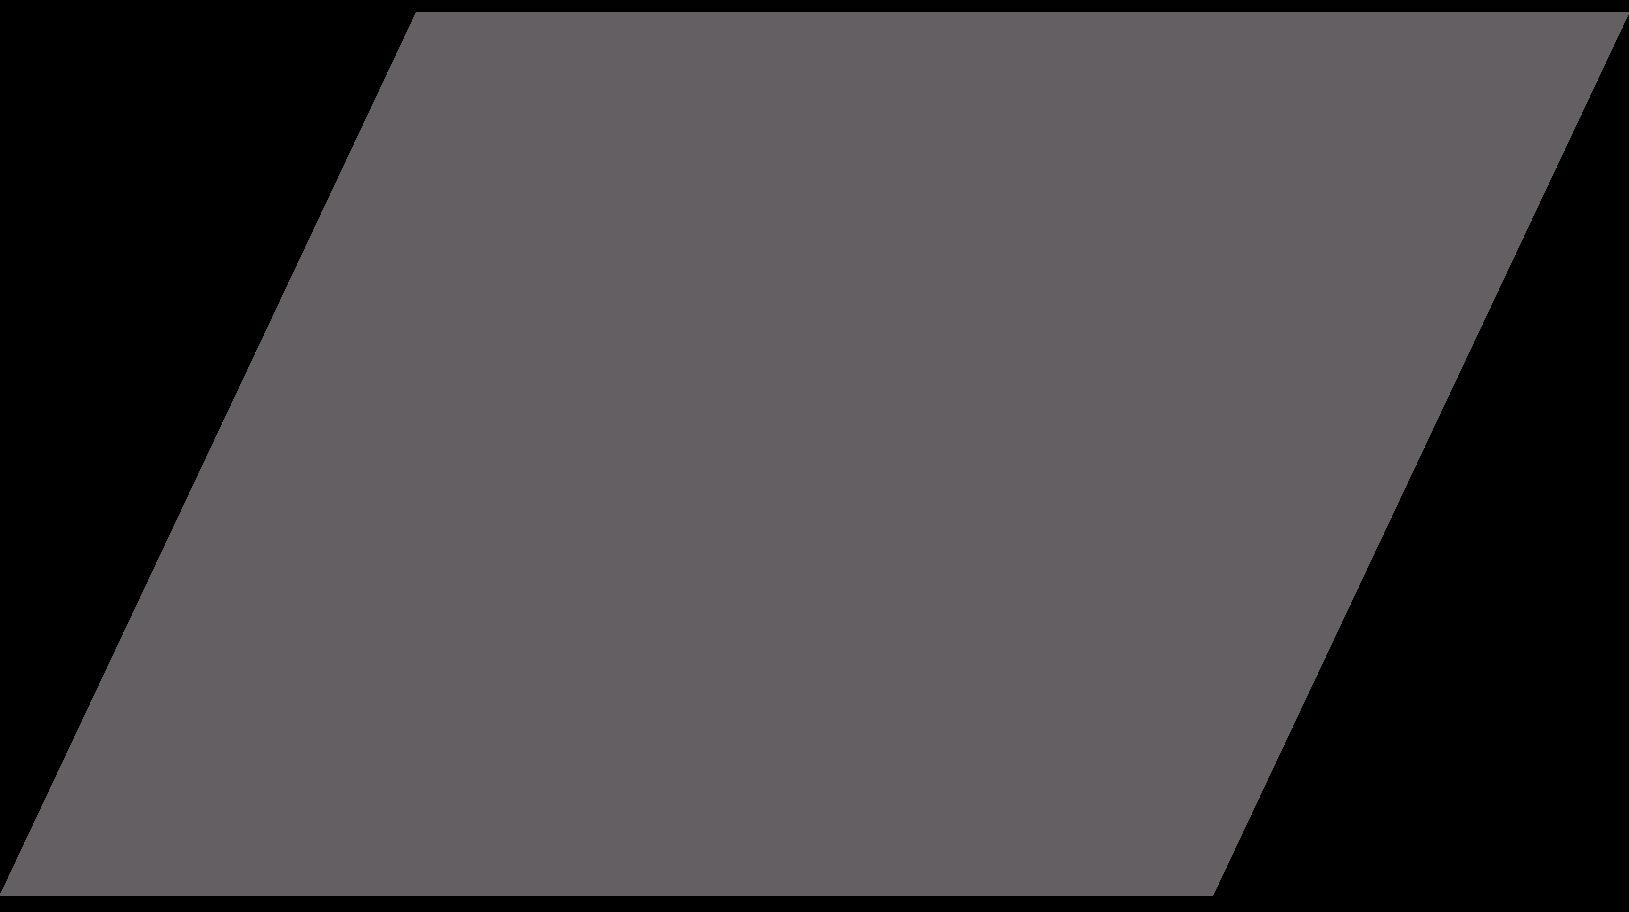 parallelogram grey Clipart illustration in PNG, SVG